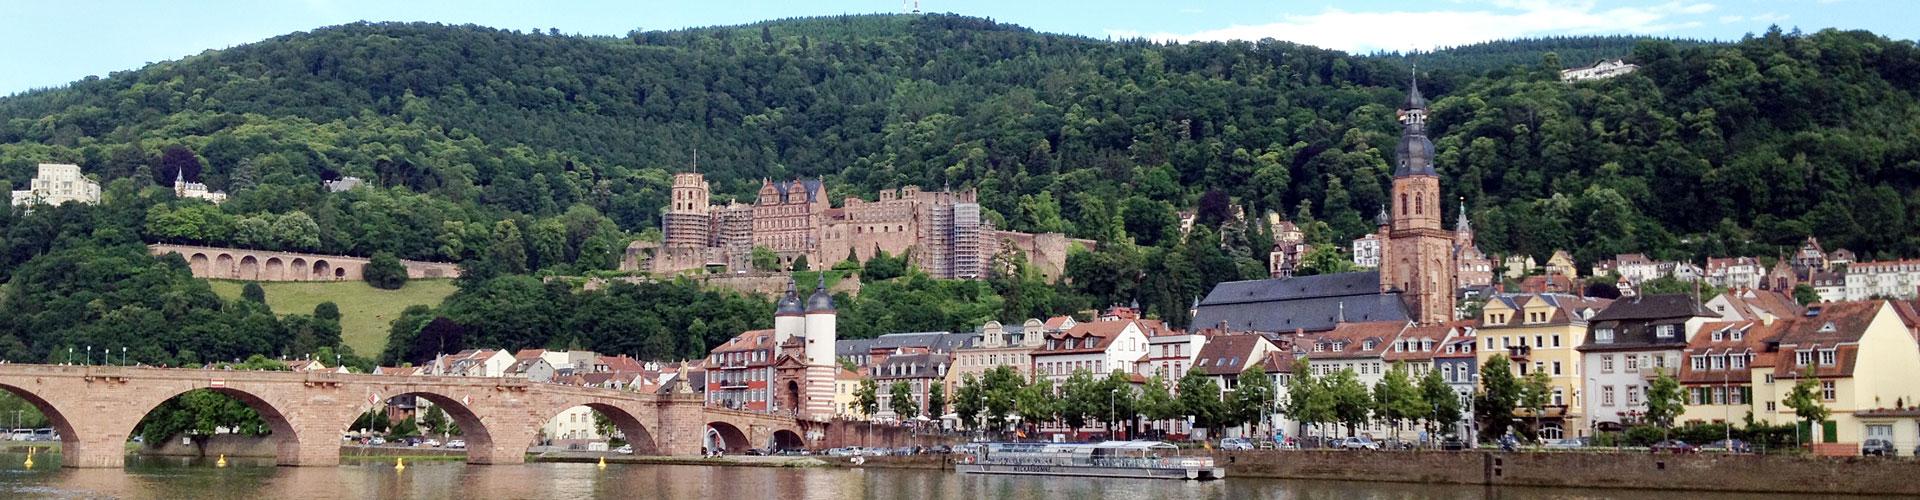 German River Scene